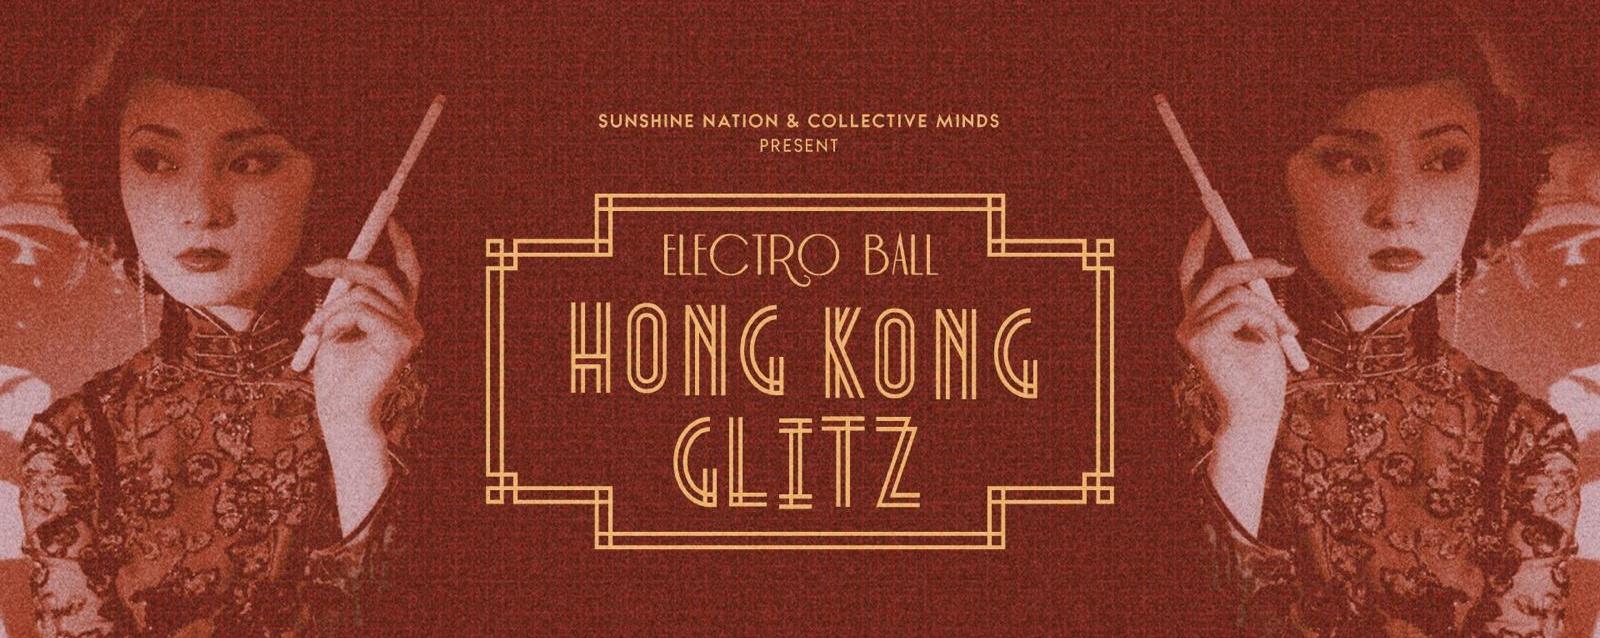 Electro Ball 2018: Hong Kong Glitz